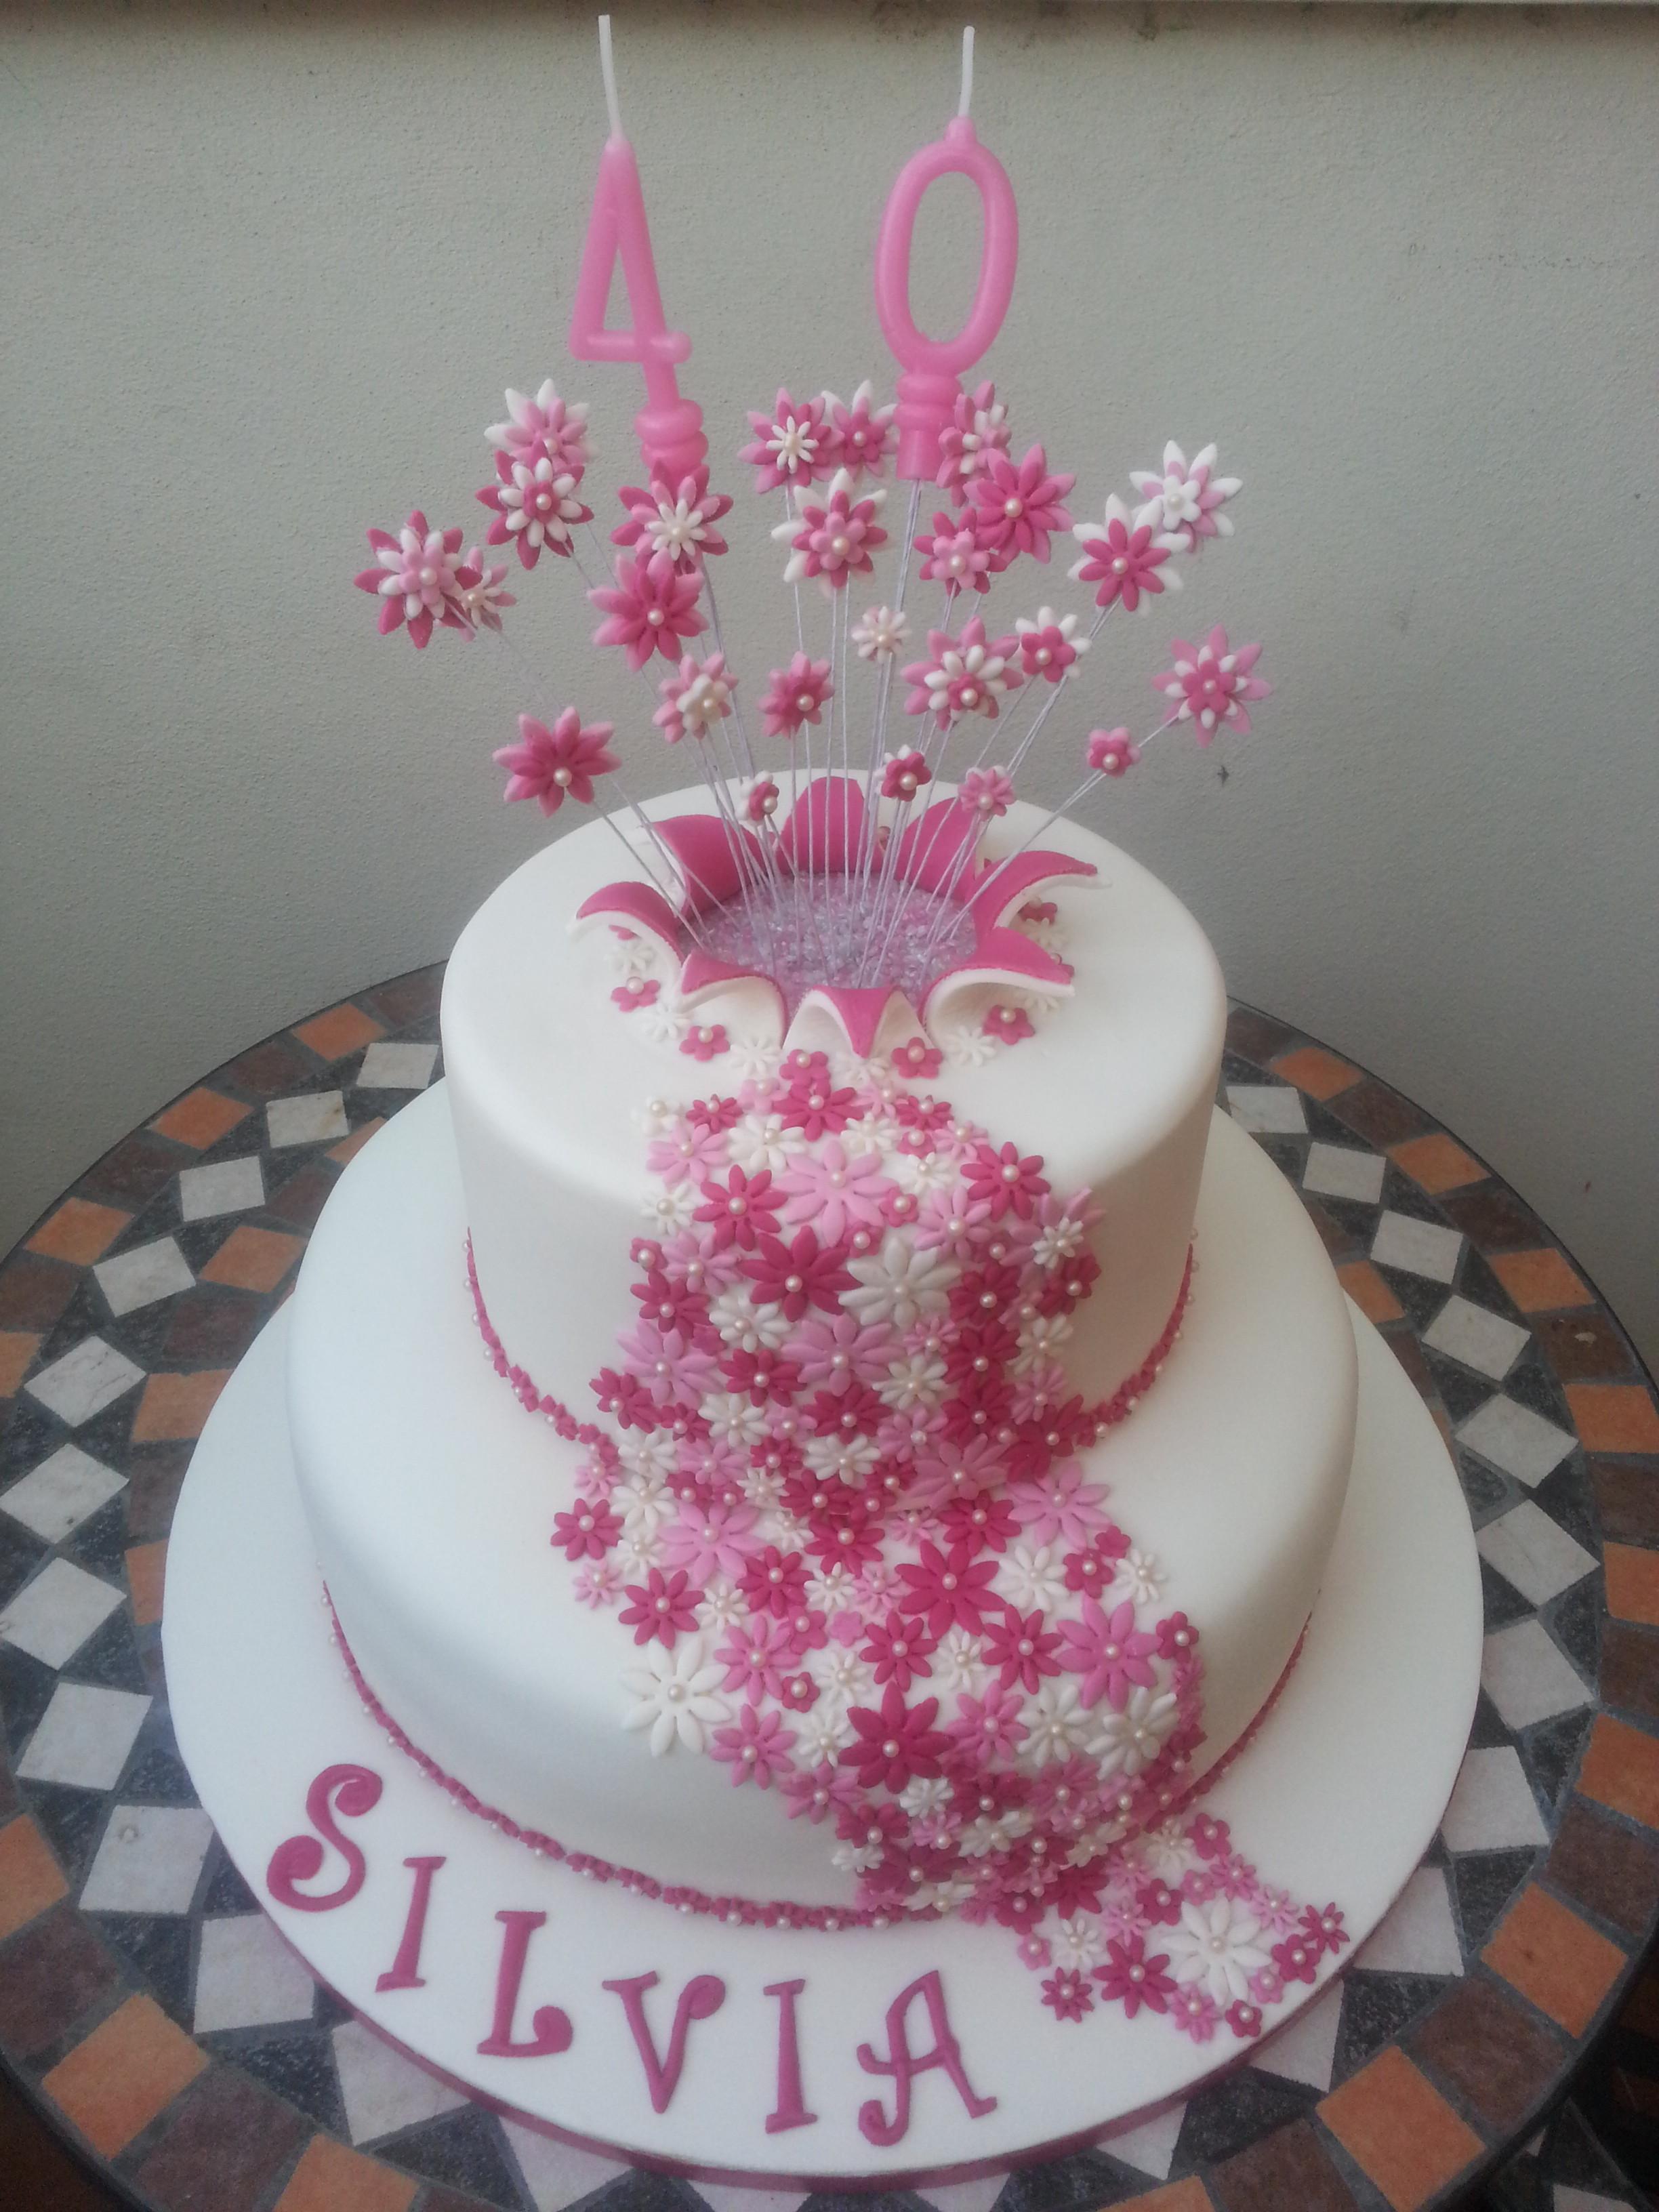 Torta esplosione di fiori cuginette sul g teau for Disegni di 2 piani